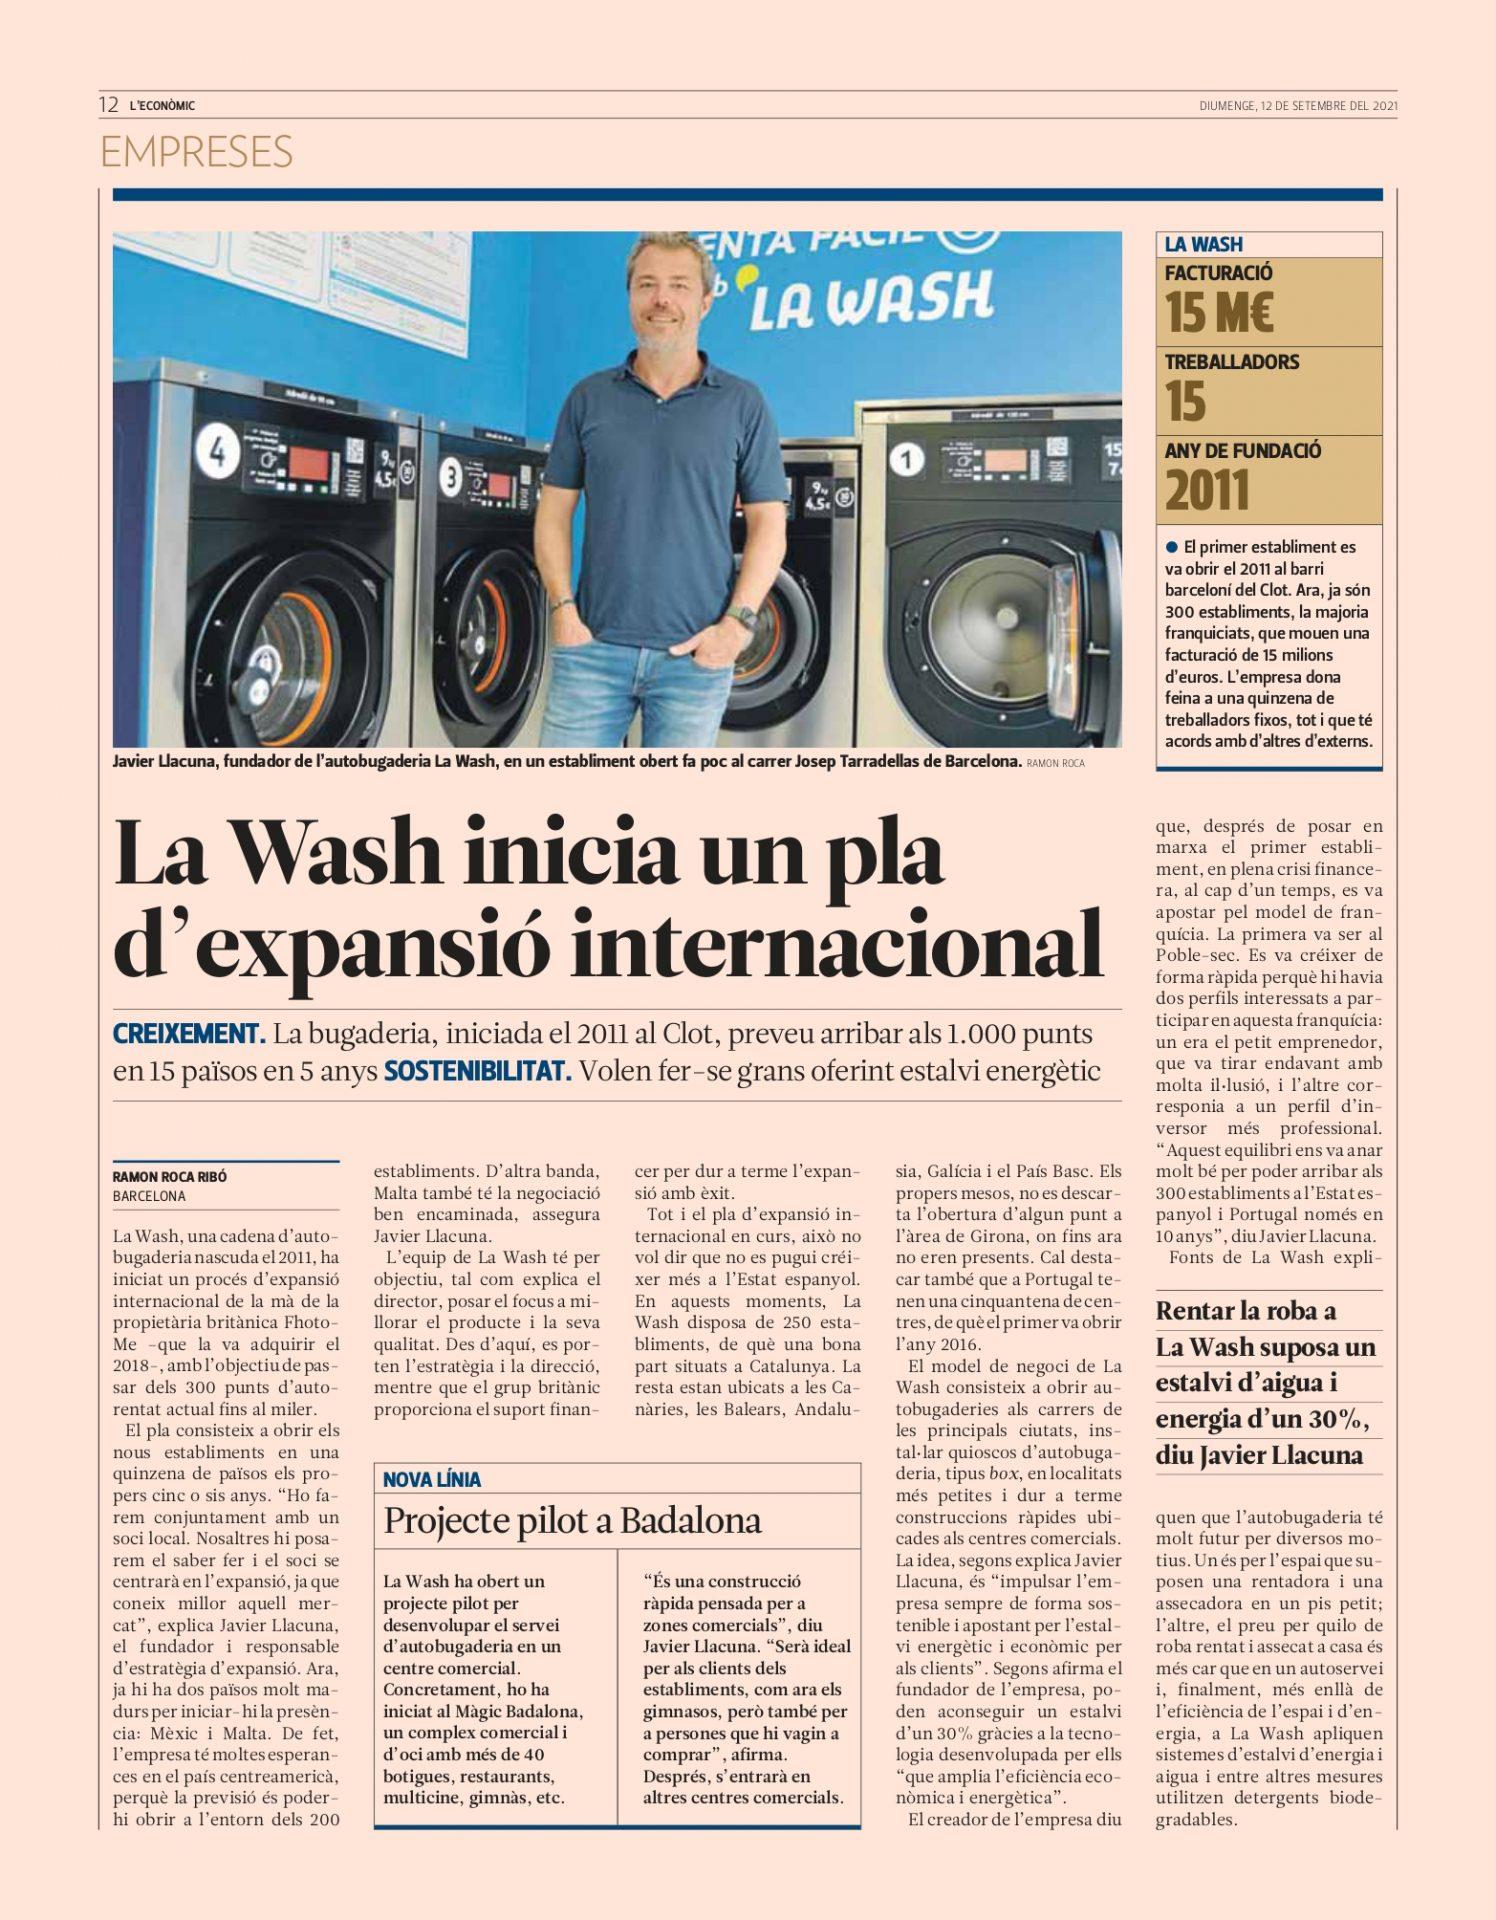 Lavanderías autoservicio La Wash lanzó su plan de expansión internacional y, desde hace semanas, es noticia en diferentes medios nacionales.